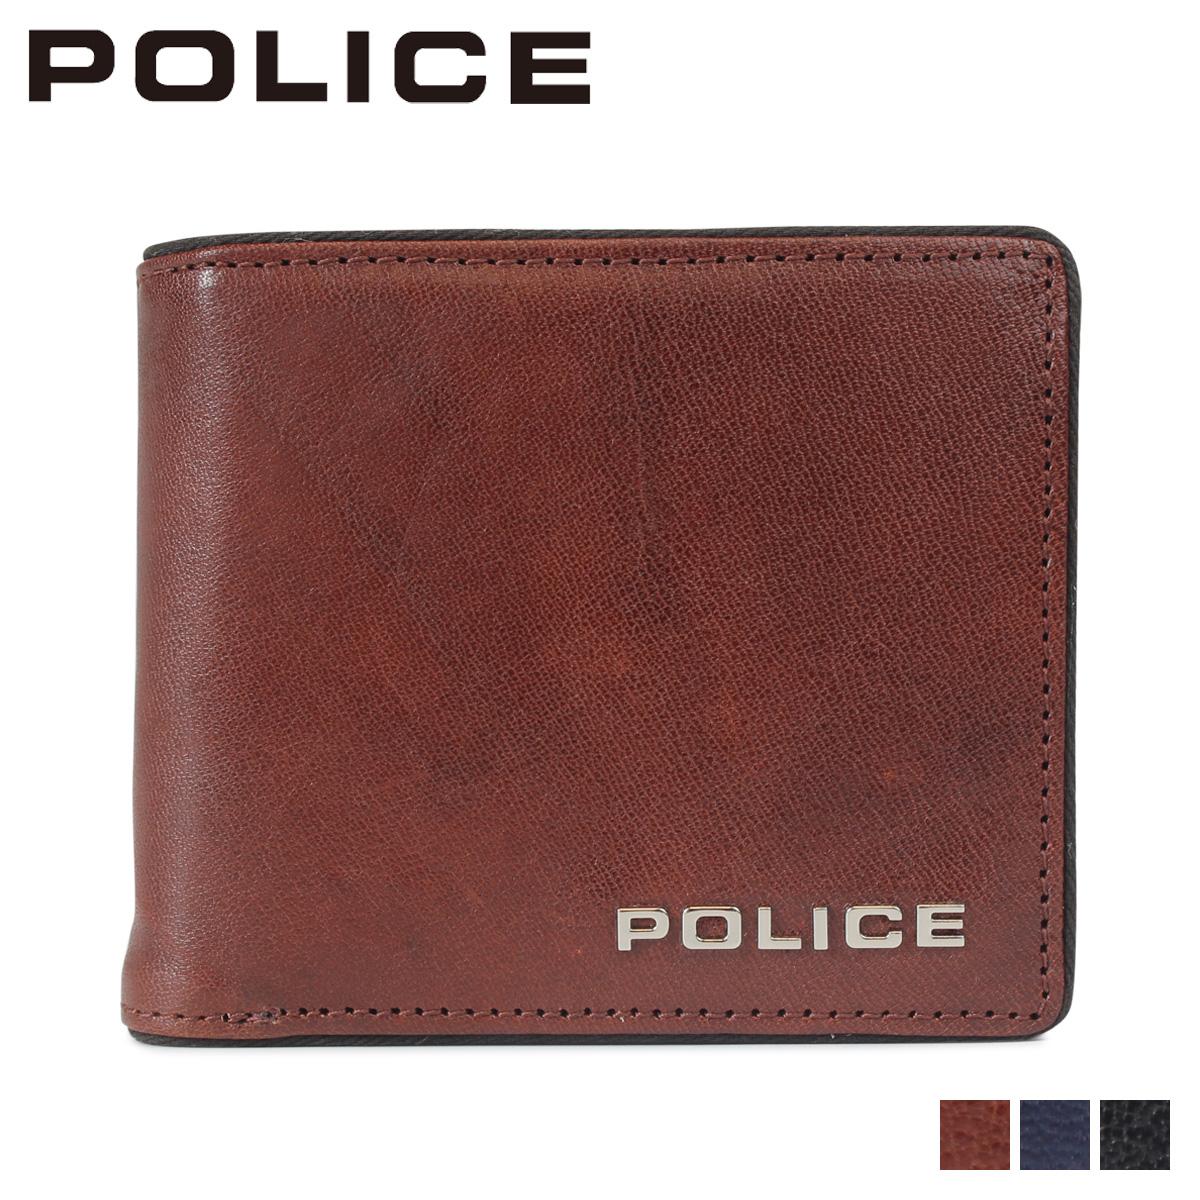 POLICE TERAIO SHORT WALLET ポリス 財布 二つ折り メンズ レザー ブラック ネイビー ダーク ブラウン 黒 PA-70001